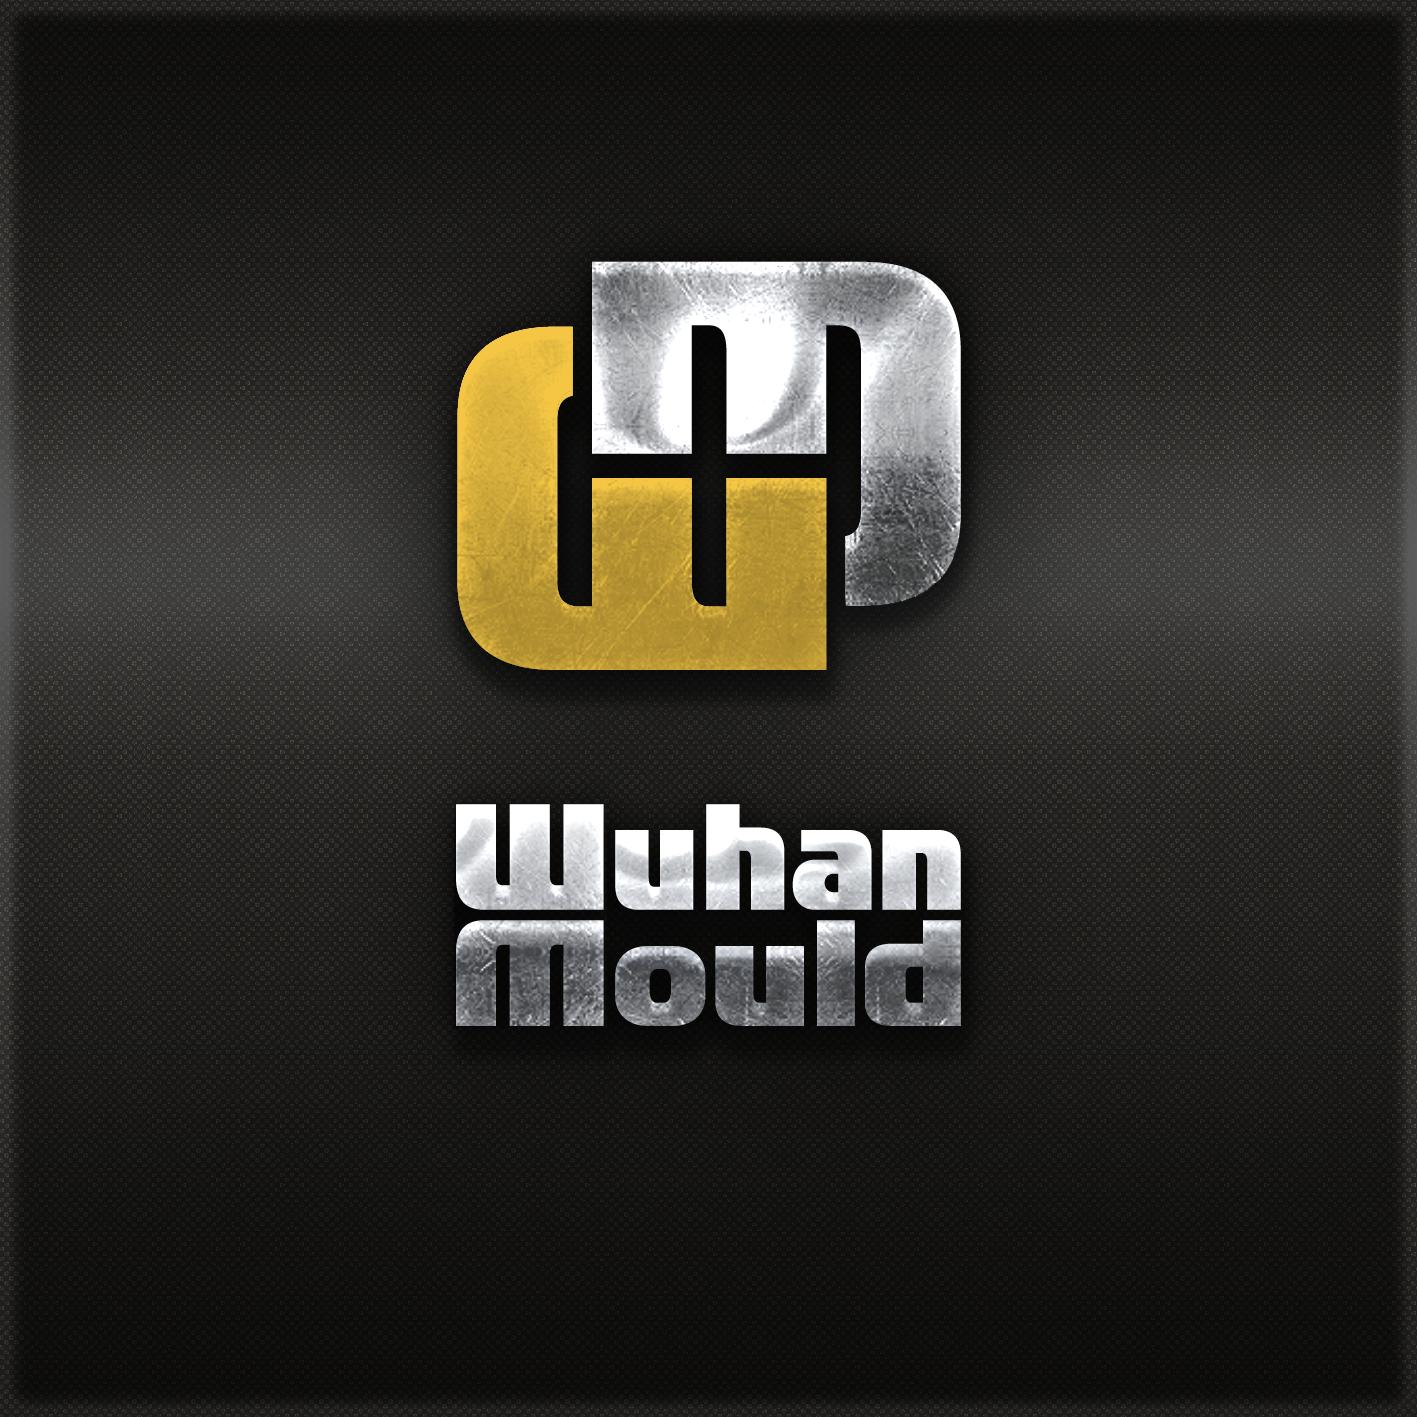 Создать логотип для фабрики пресс-форм фото f_113599aab9824440.png